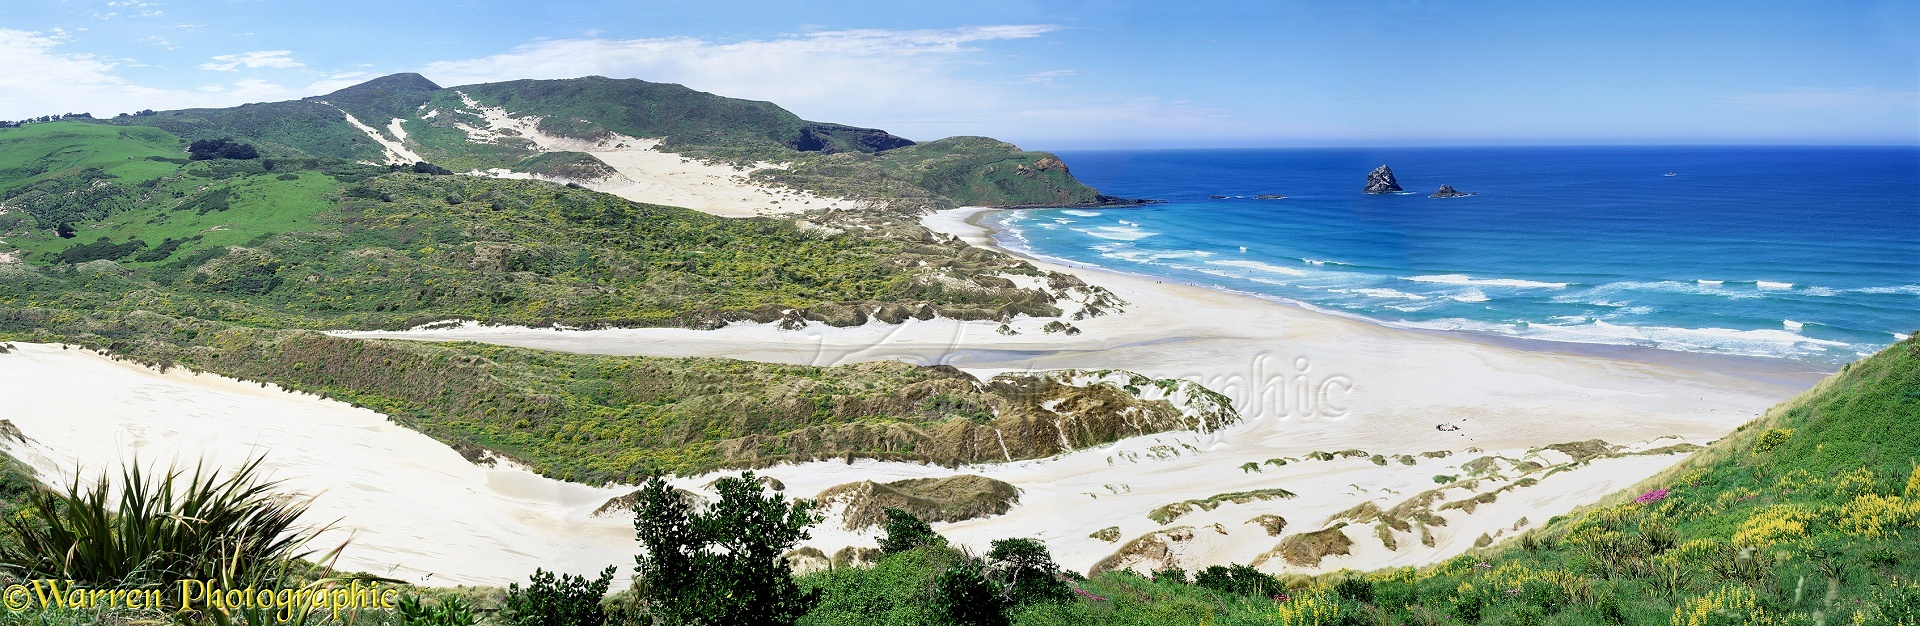 New Zealand Panoramic Views